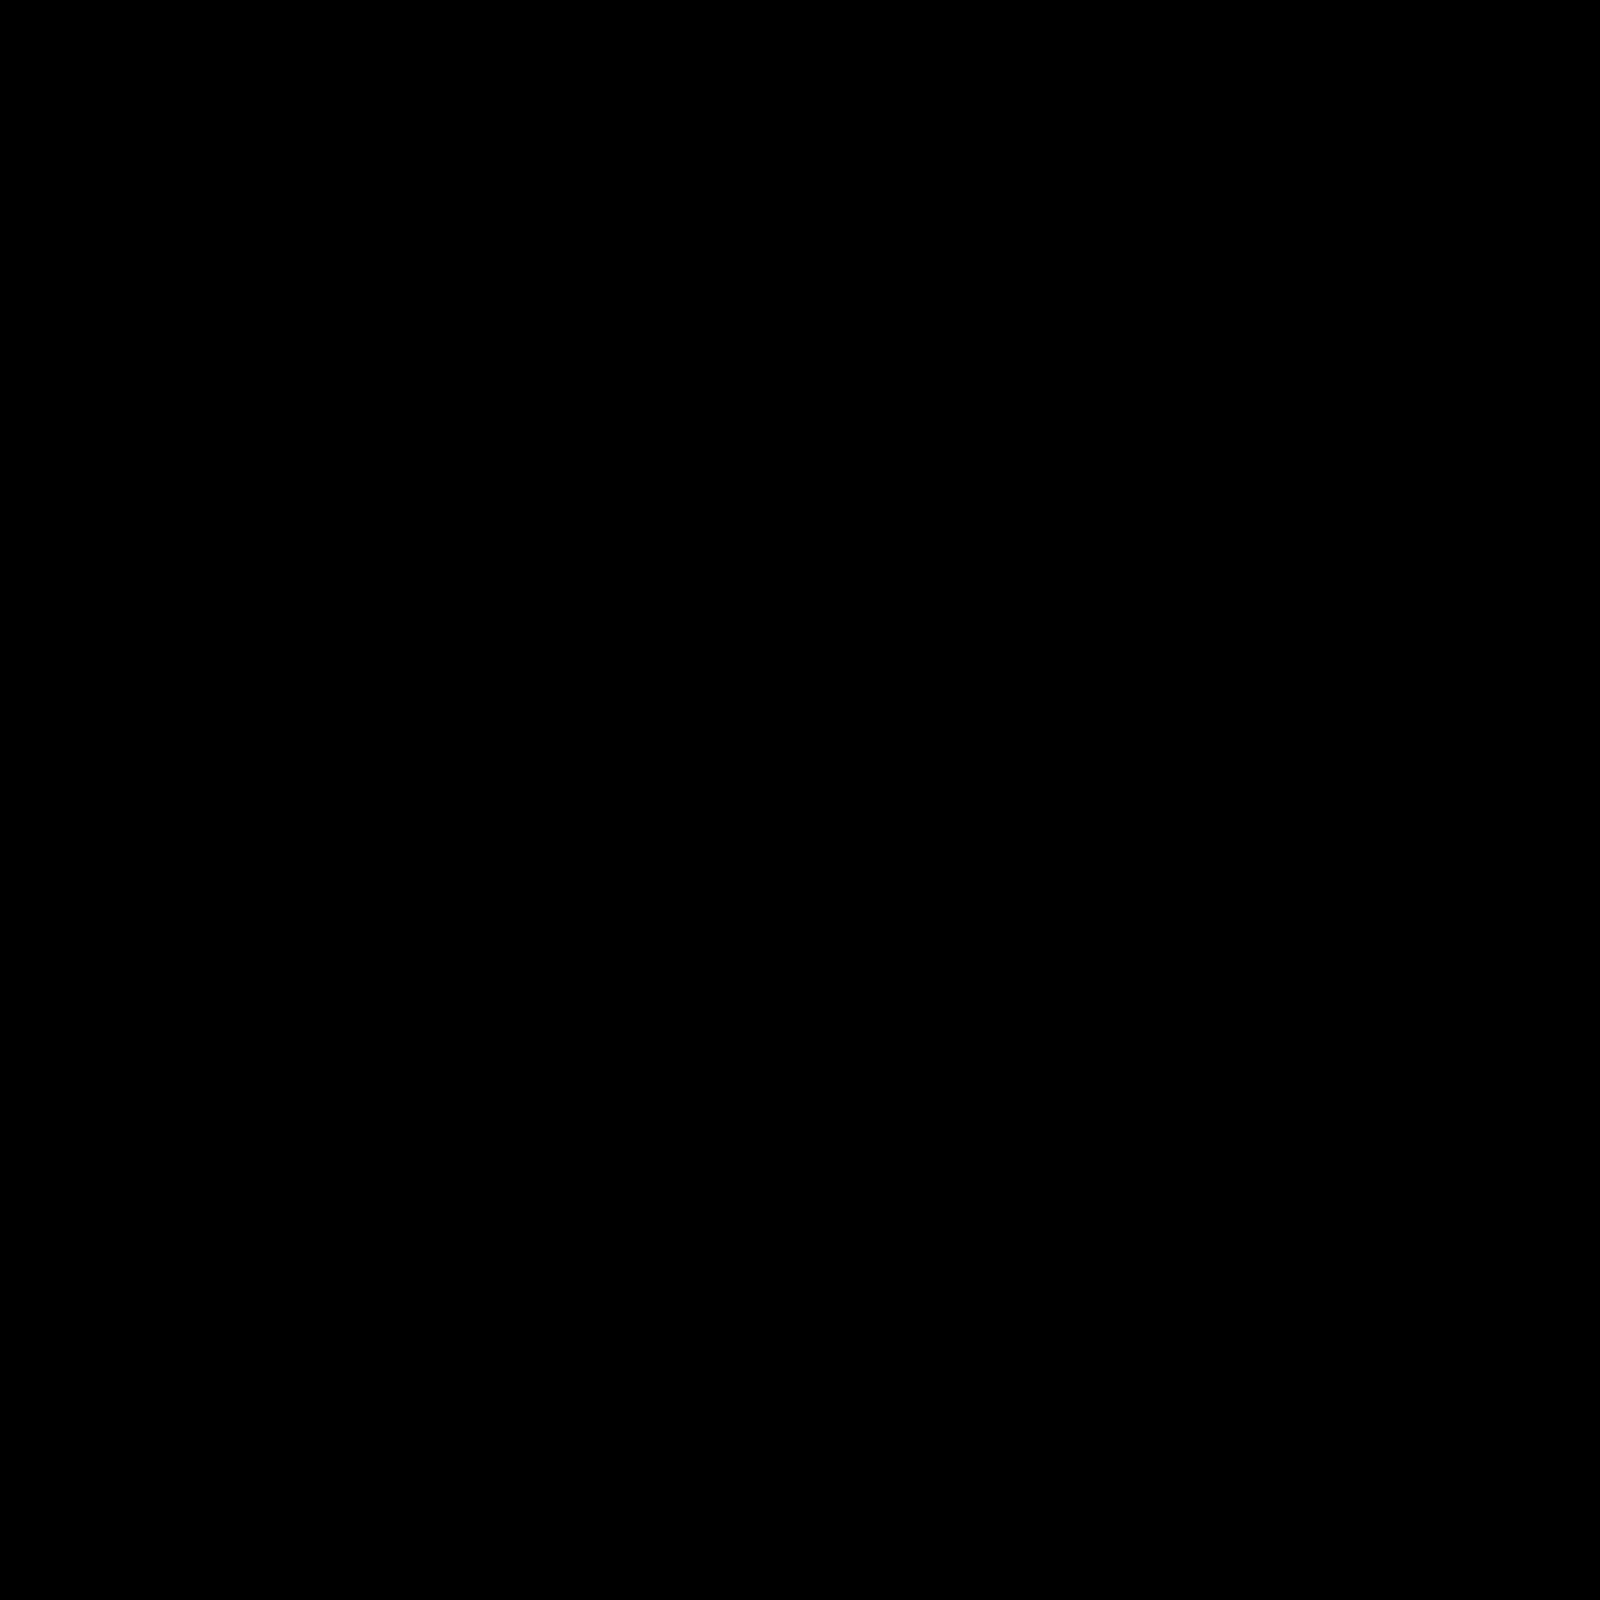 Sheet Metal icon